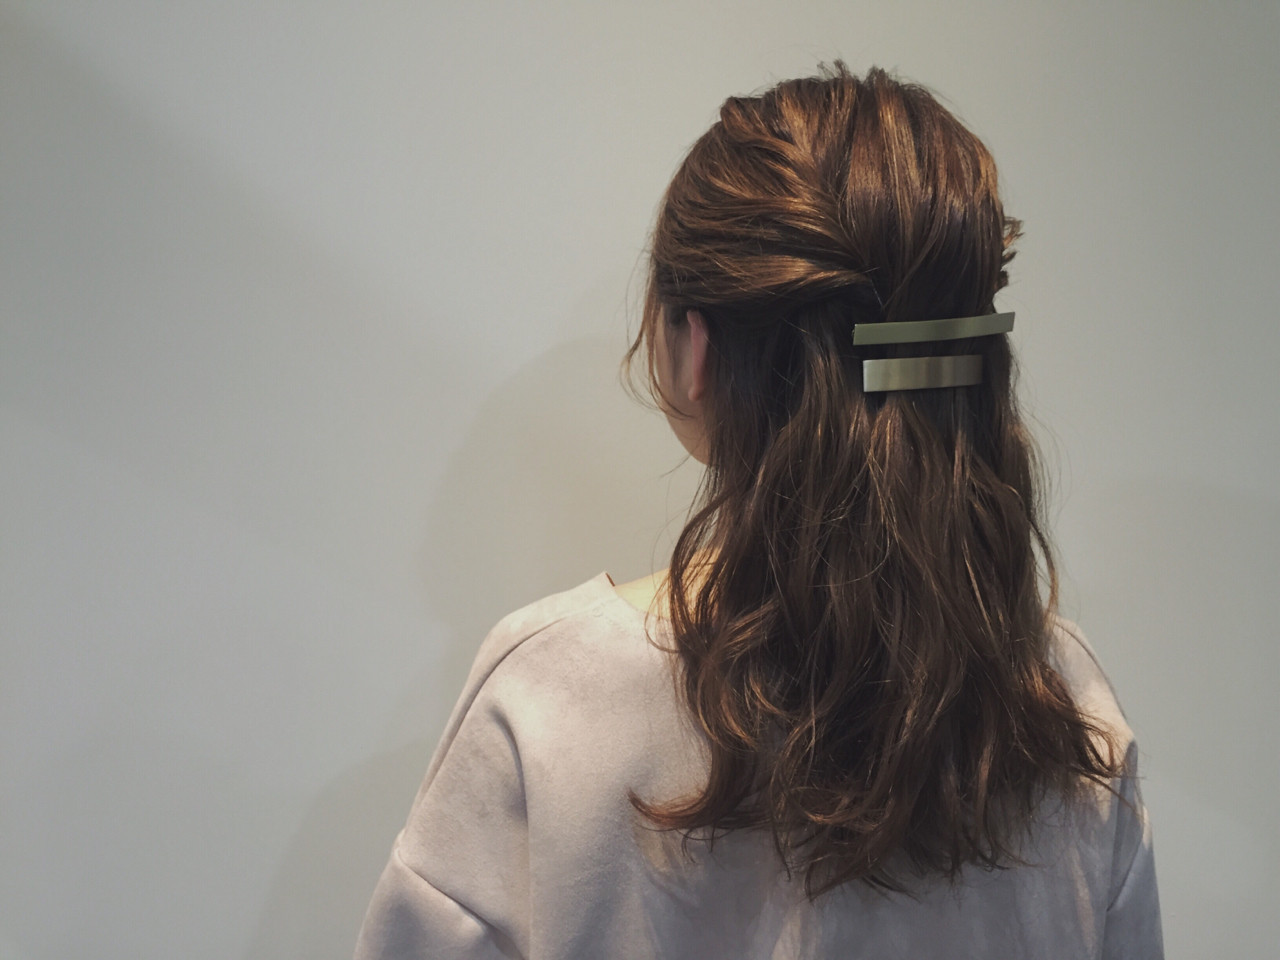 時間がなくても大丈夫♡ミディアムヘアのアレンジが簡単にできちゃう技 大西 絢子/HOULe